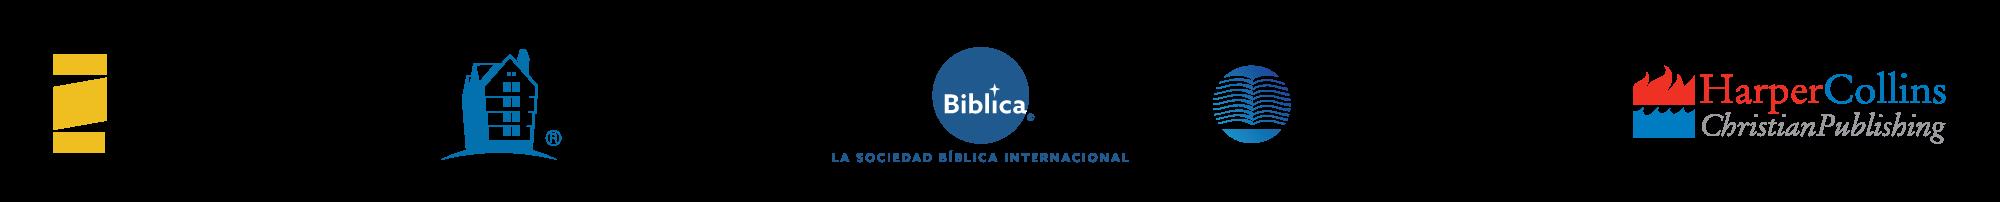 logos-vida-nelson-biblica-clie-hccp